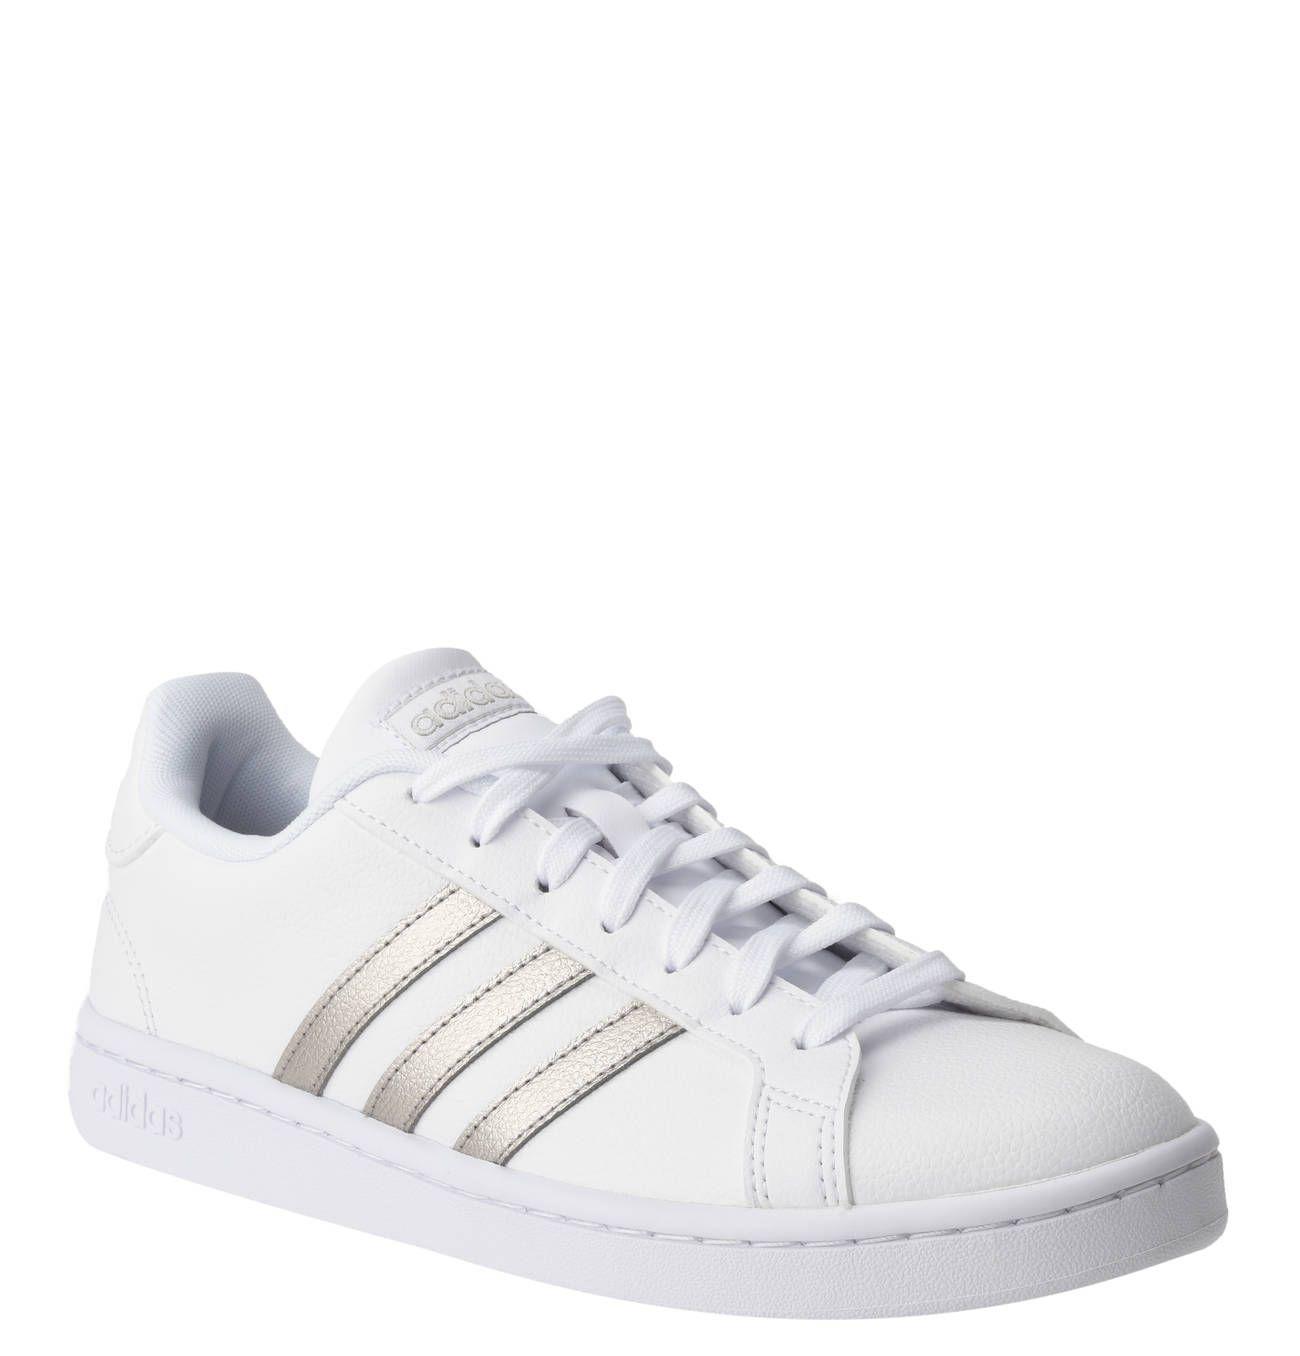 adidas Campus adidas Damen Sneaker mit Schnürung günstig